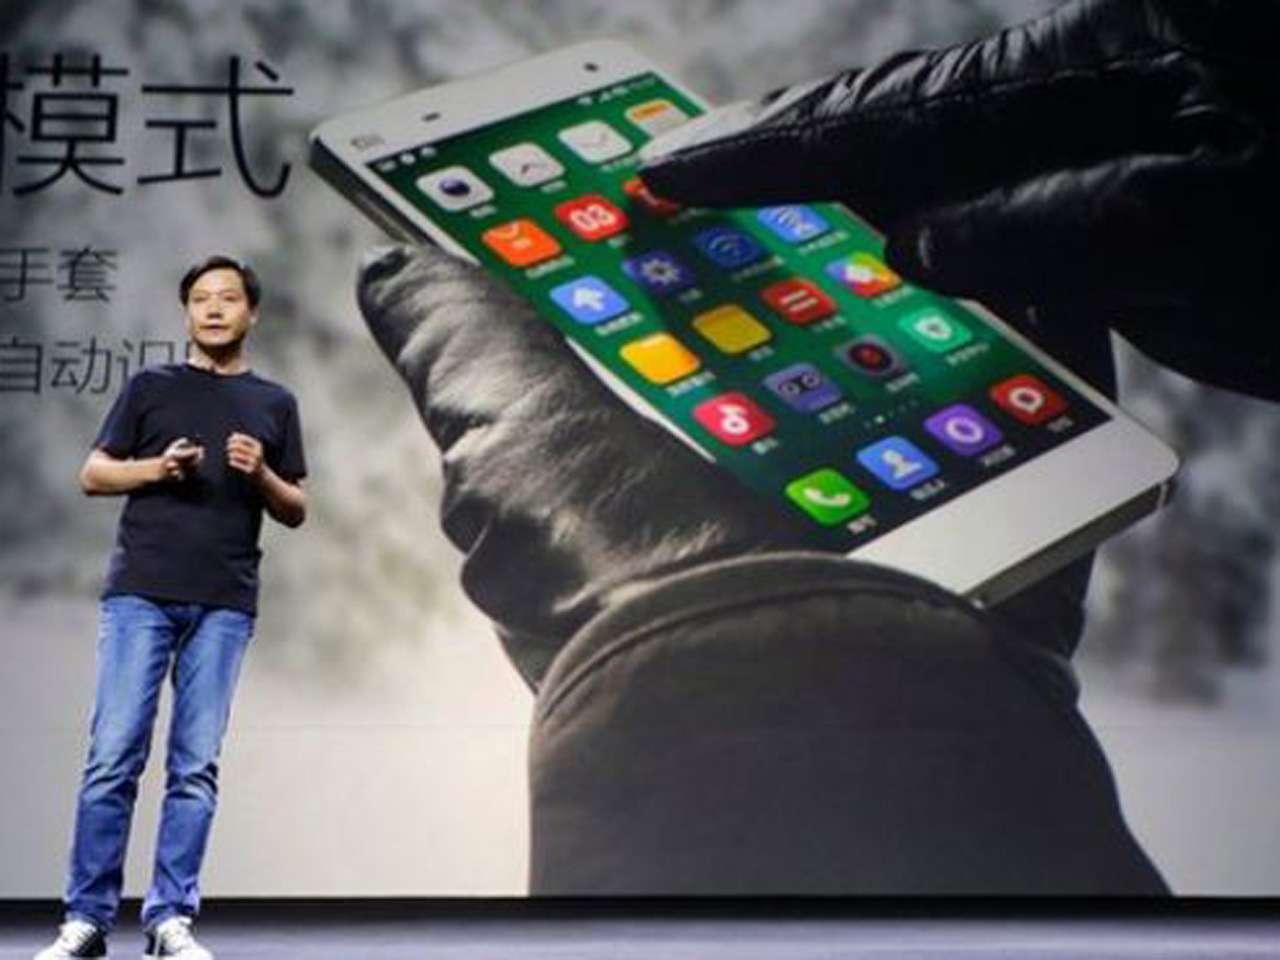 El MI4, que salió a competir en agosto con el Galaxy S5 de Samsung y con el iPhone de Apple, es el teléfono insignia de Xiaomi Foto: Reuters en español